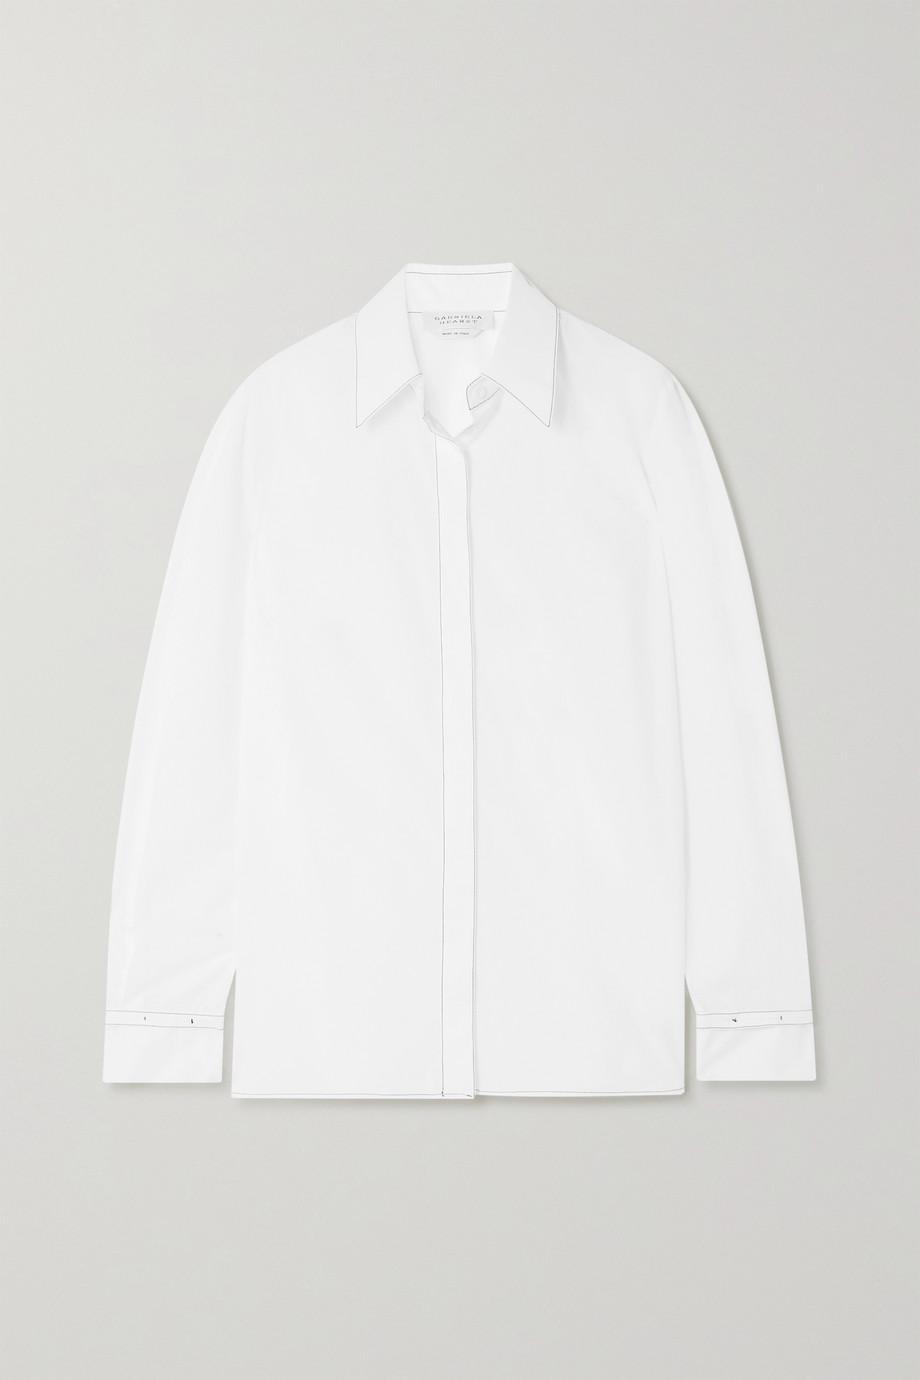 Gabriela Hearst + NET SUSTAIN Cruz Hemd aus Baumwollpopeline